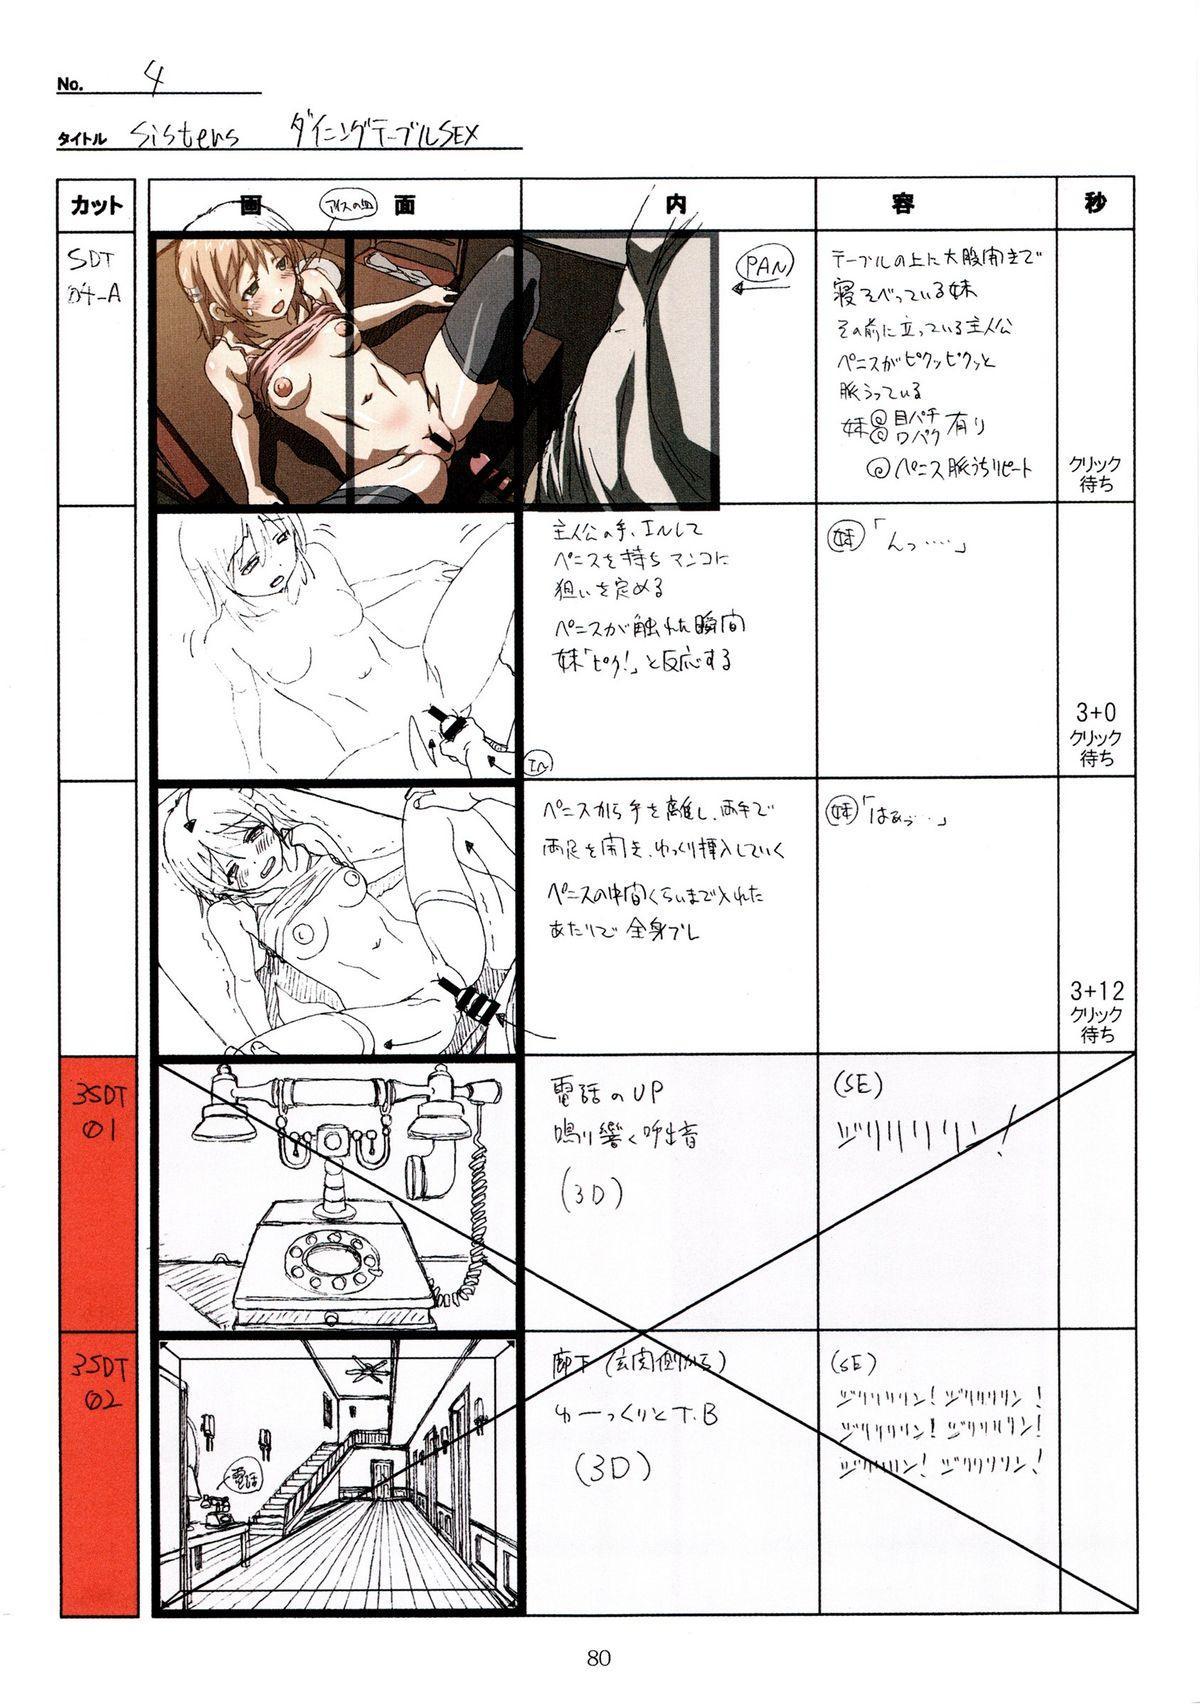 (C89) [Makino Jimusho (Taki Minashika)] SISTERS -Natsu no Saigo no Hi- H Scene All Part Storyboard (SISTERS -Natsu no Saigo no Hi-) 79